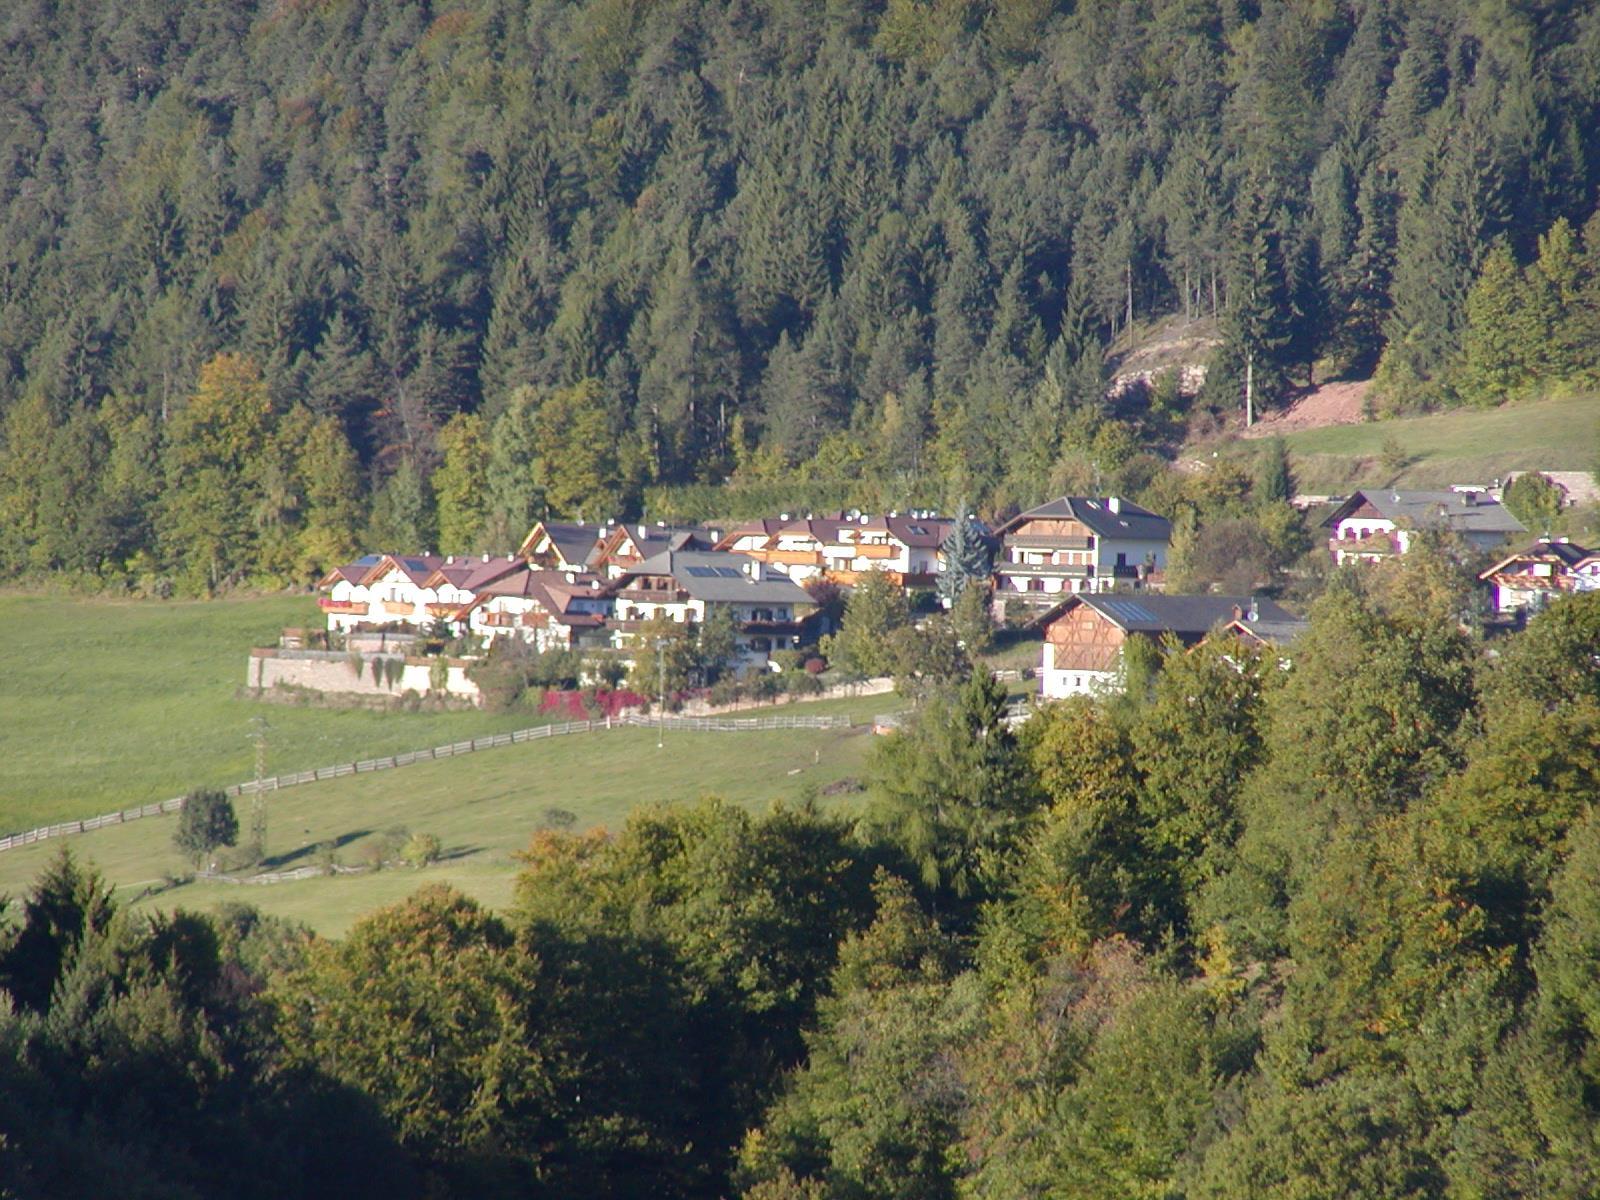 Mölten/Meltina - Schlaneid/Salonetto - Vilpian/Vilpiano - Terlan/Terlano - Mölten/Meltina